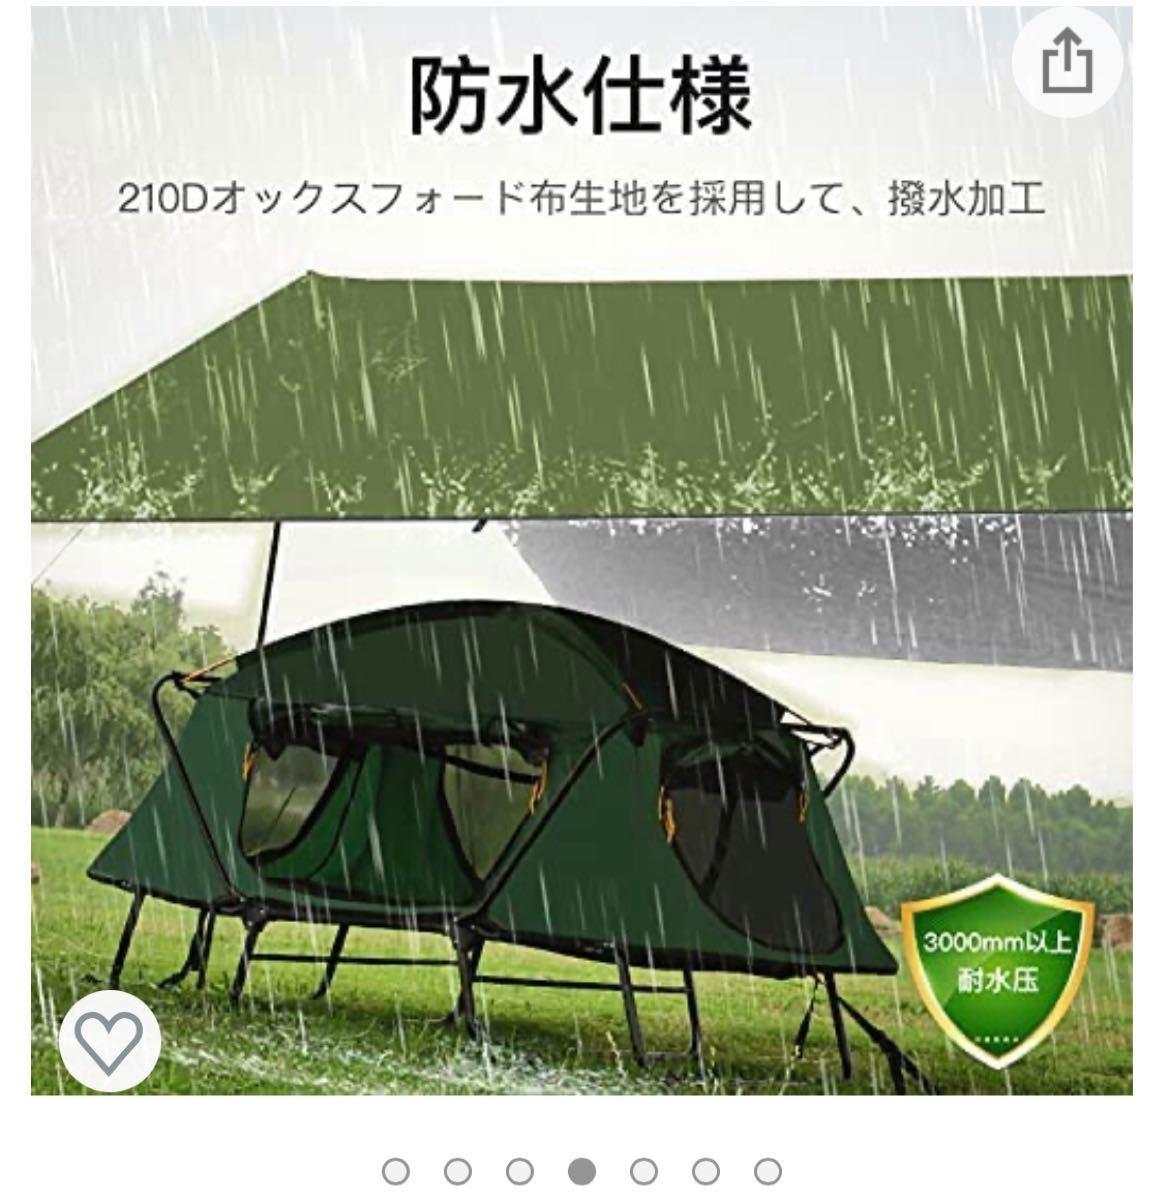 タープ 日除け 防水 タープテント テントシート キャンプ 軽量